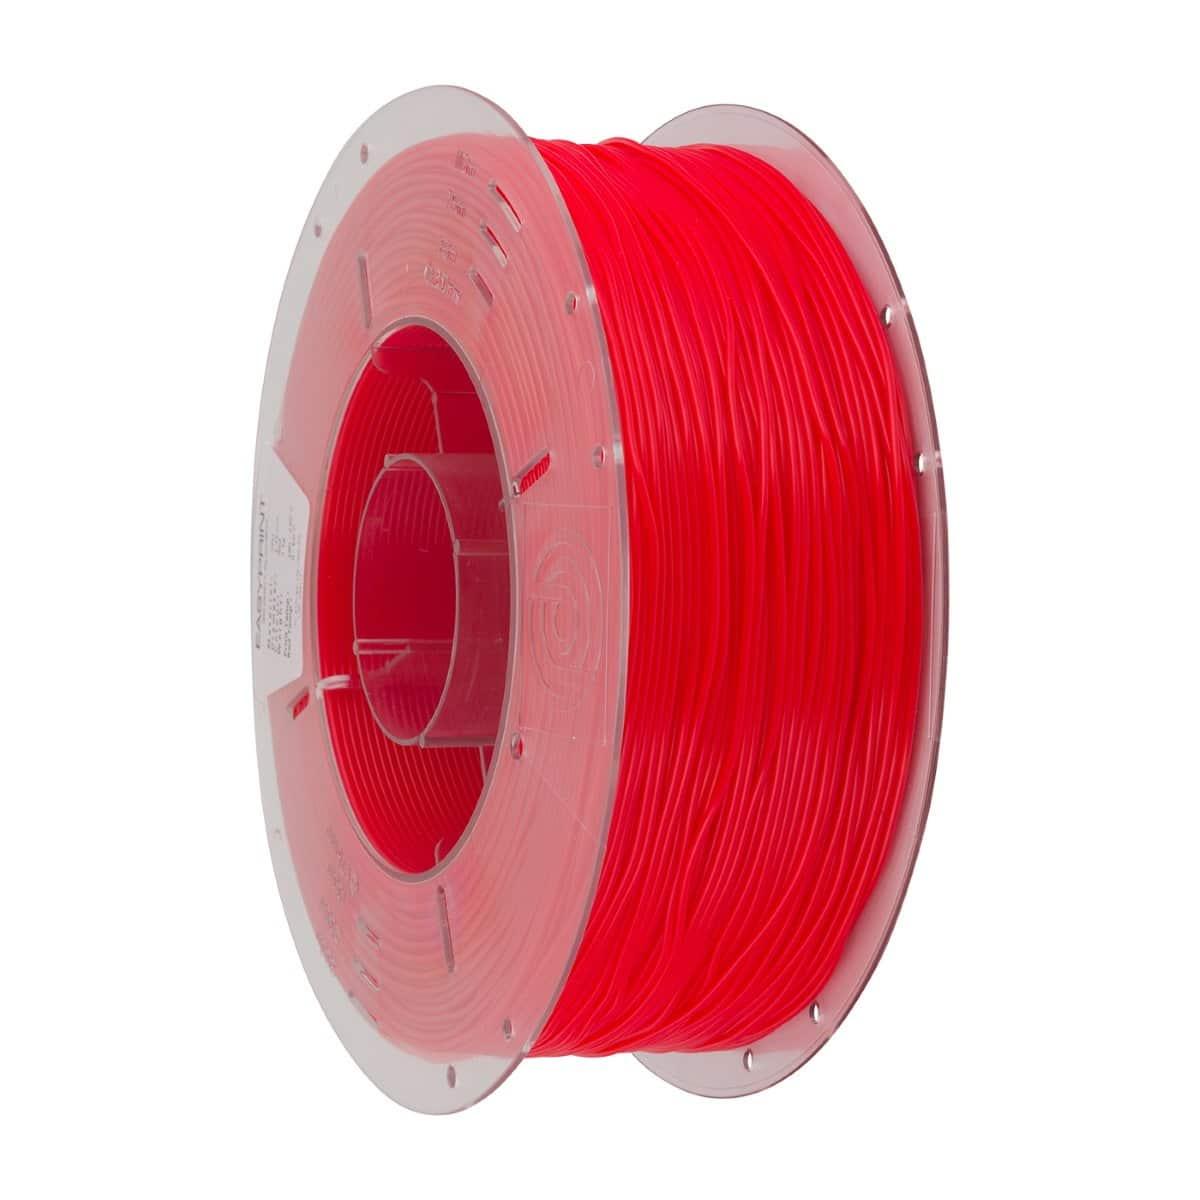 Image of PrimaCreator™ EasyPrint FLEX 95A - 1.75mm - 1 kg - Red